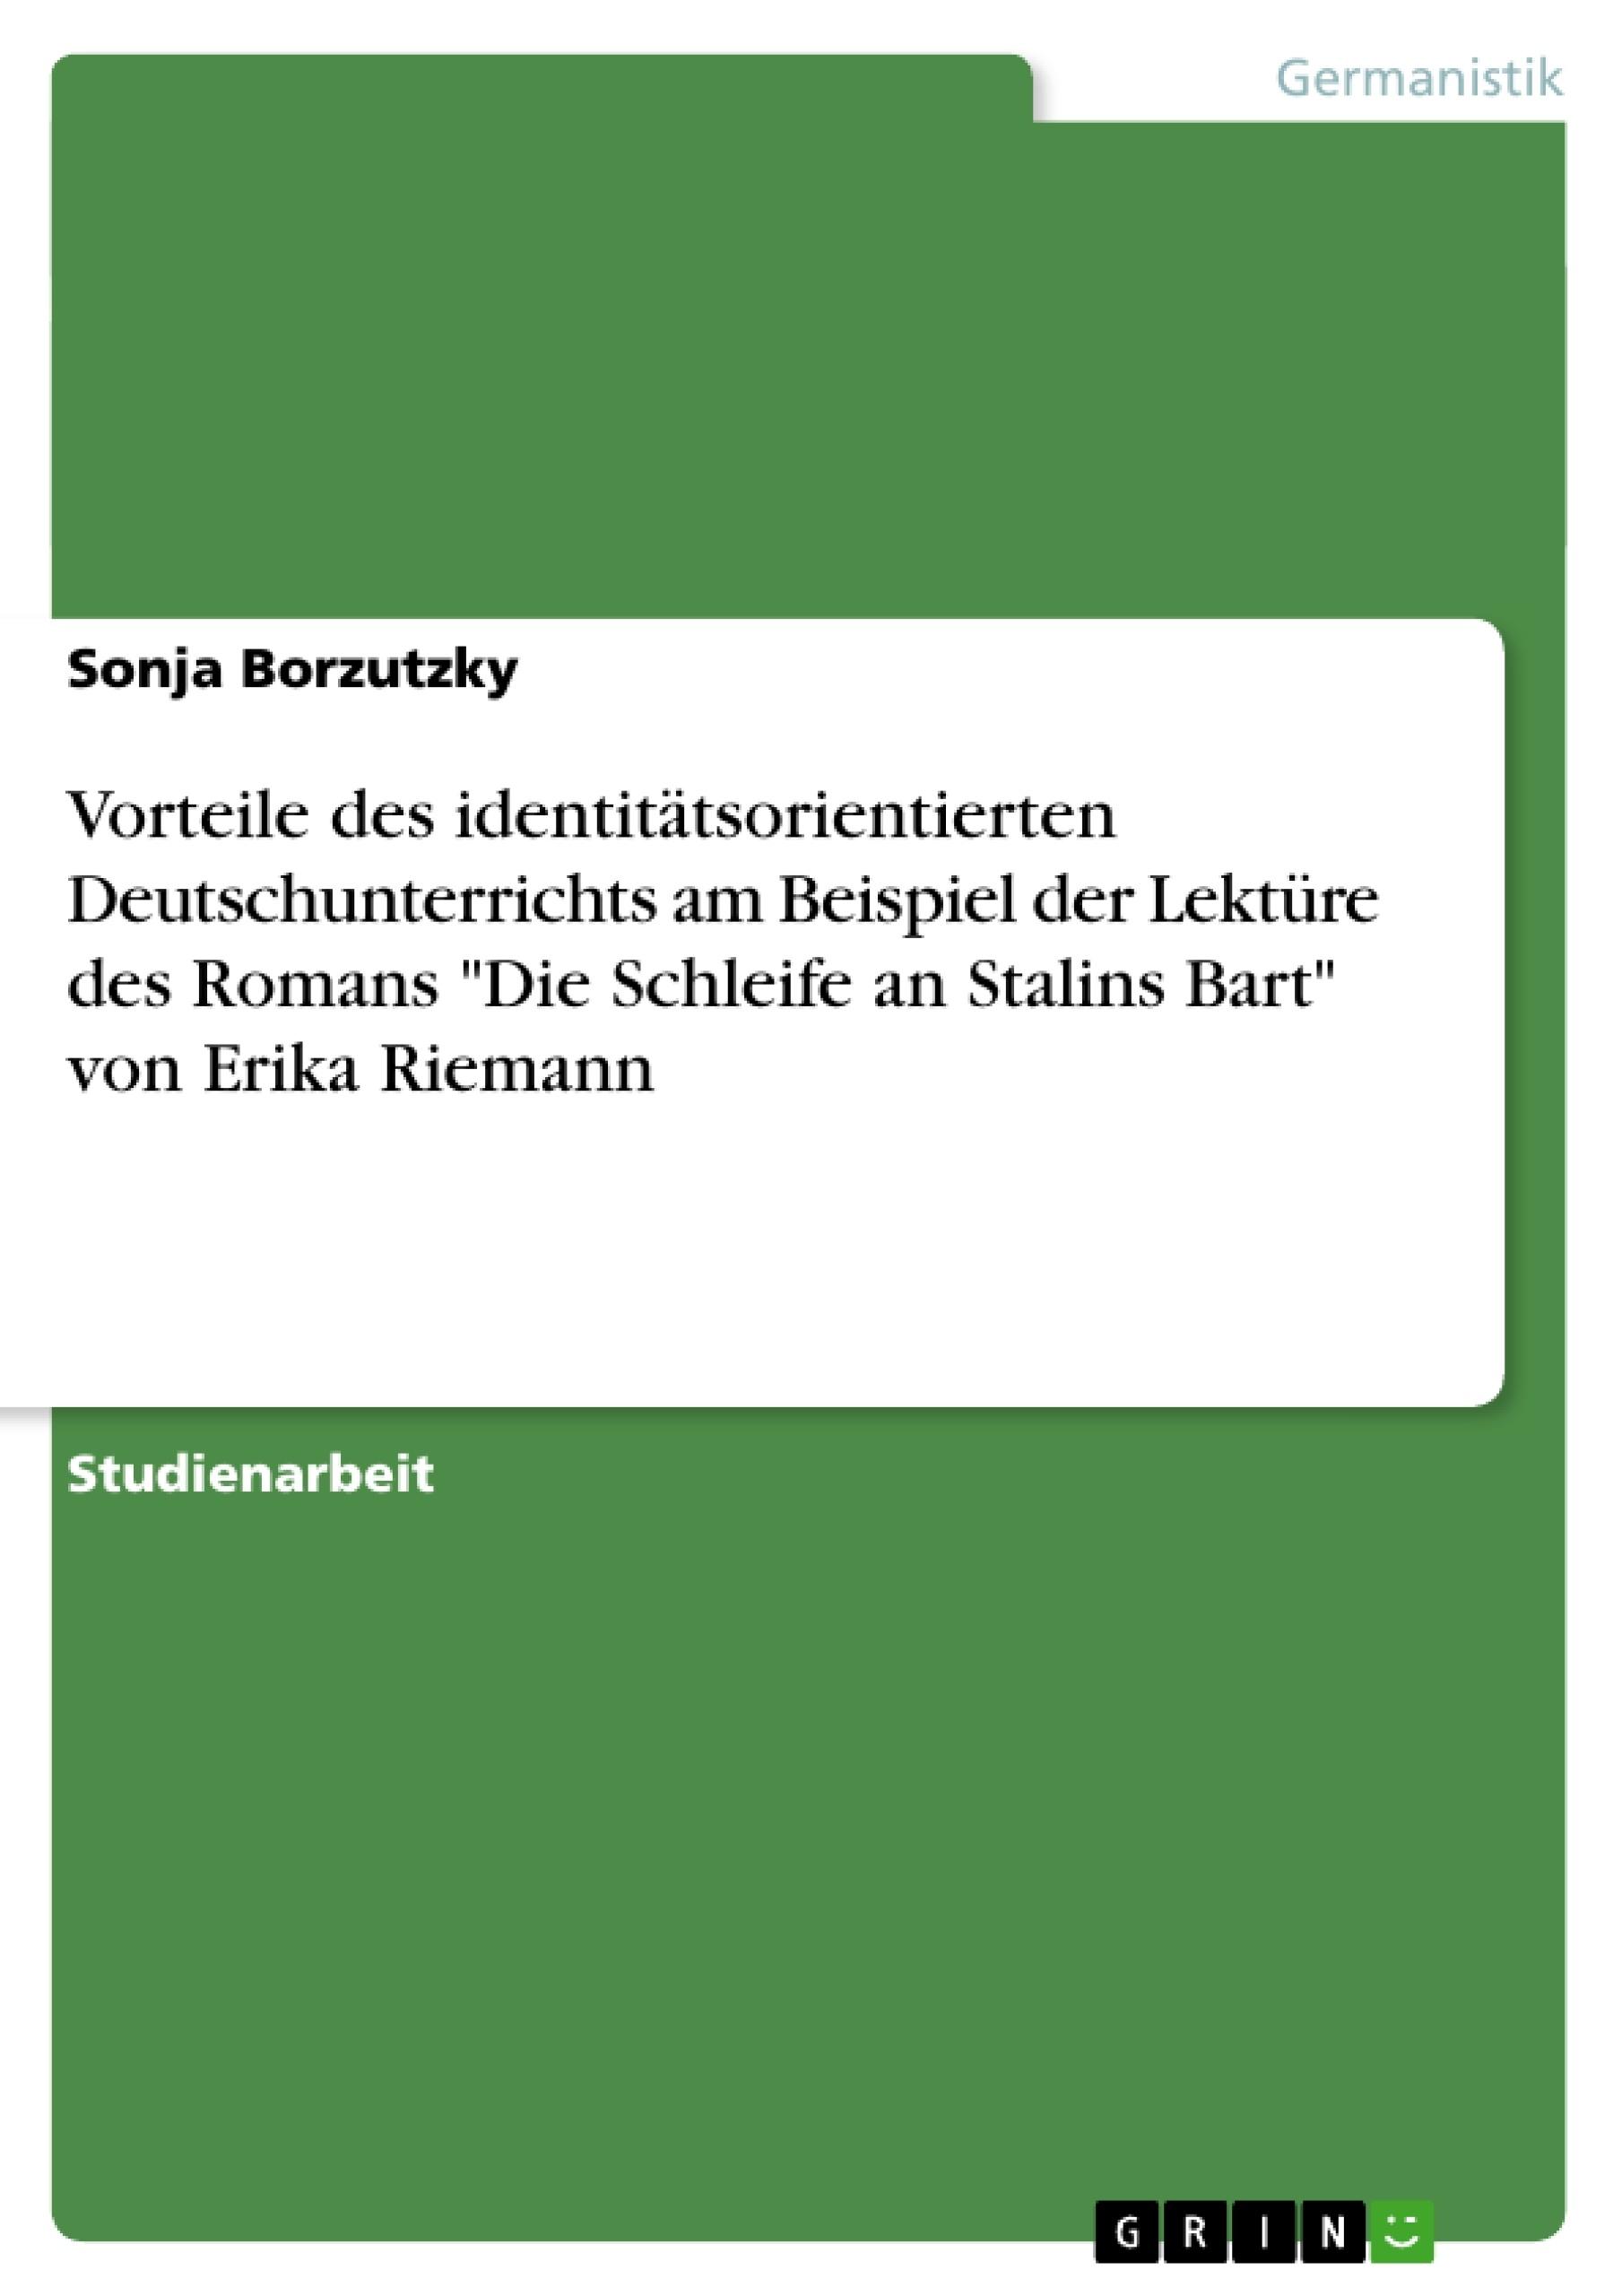 """Titel: Vorteile des identitätsorientierten Deutschunterrichts am Beispiel der Lektüre des Romans """"Die Schleife an Stalins Bart"""" von Erika Riemann"""